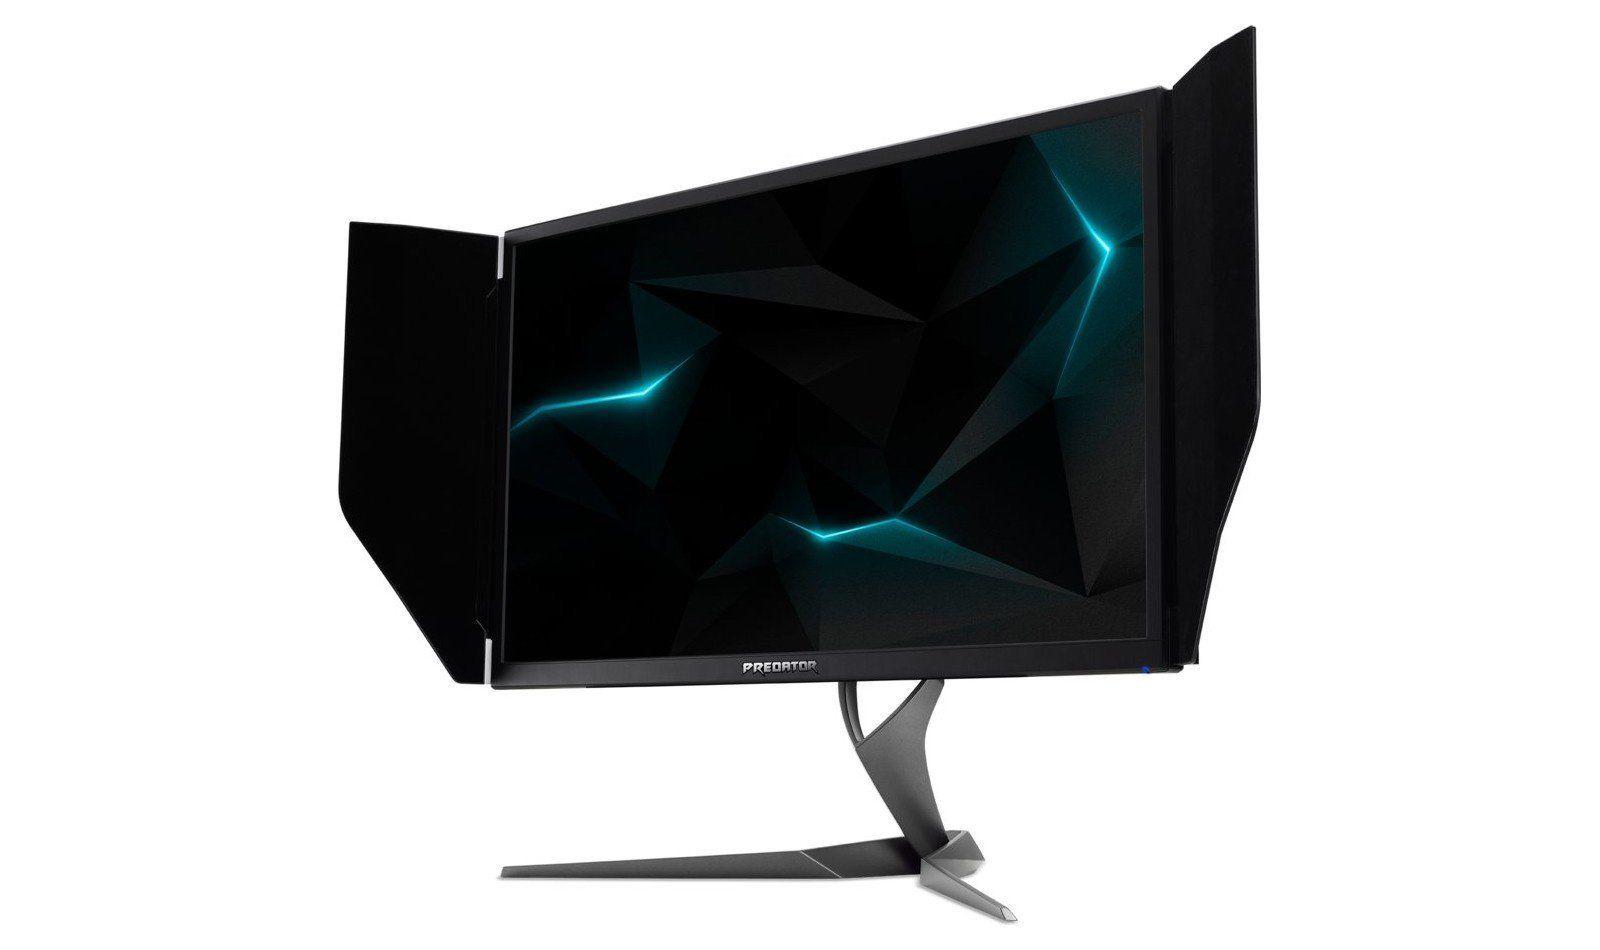 Acers Predator X27 bruker samme panel og skjerminnganger som Asus ROG PG27UQ og vil slite med samme problemer ved 144Hz.